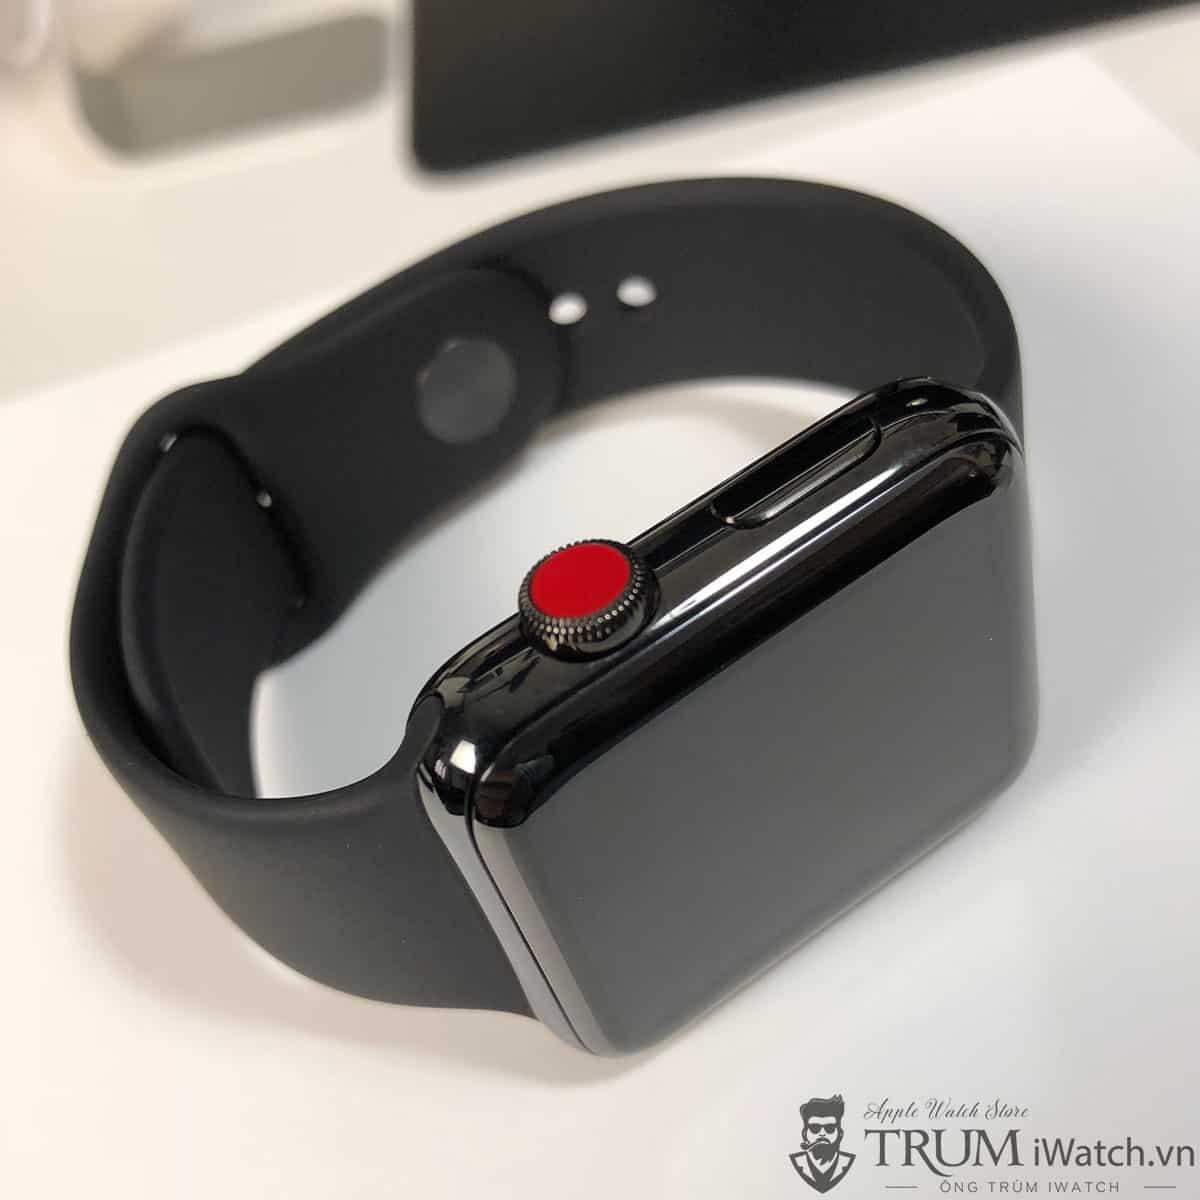 Mua Đồng Hồ Apple Watch Series 3 42mm Thép LTE Cũ Like New 99%